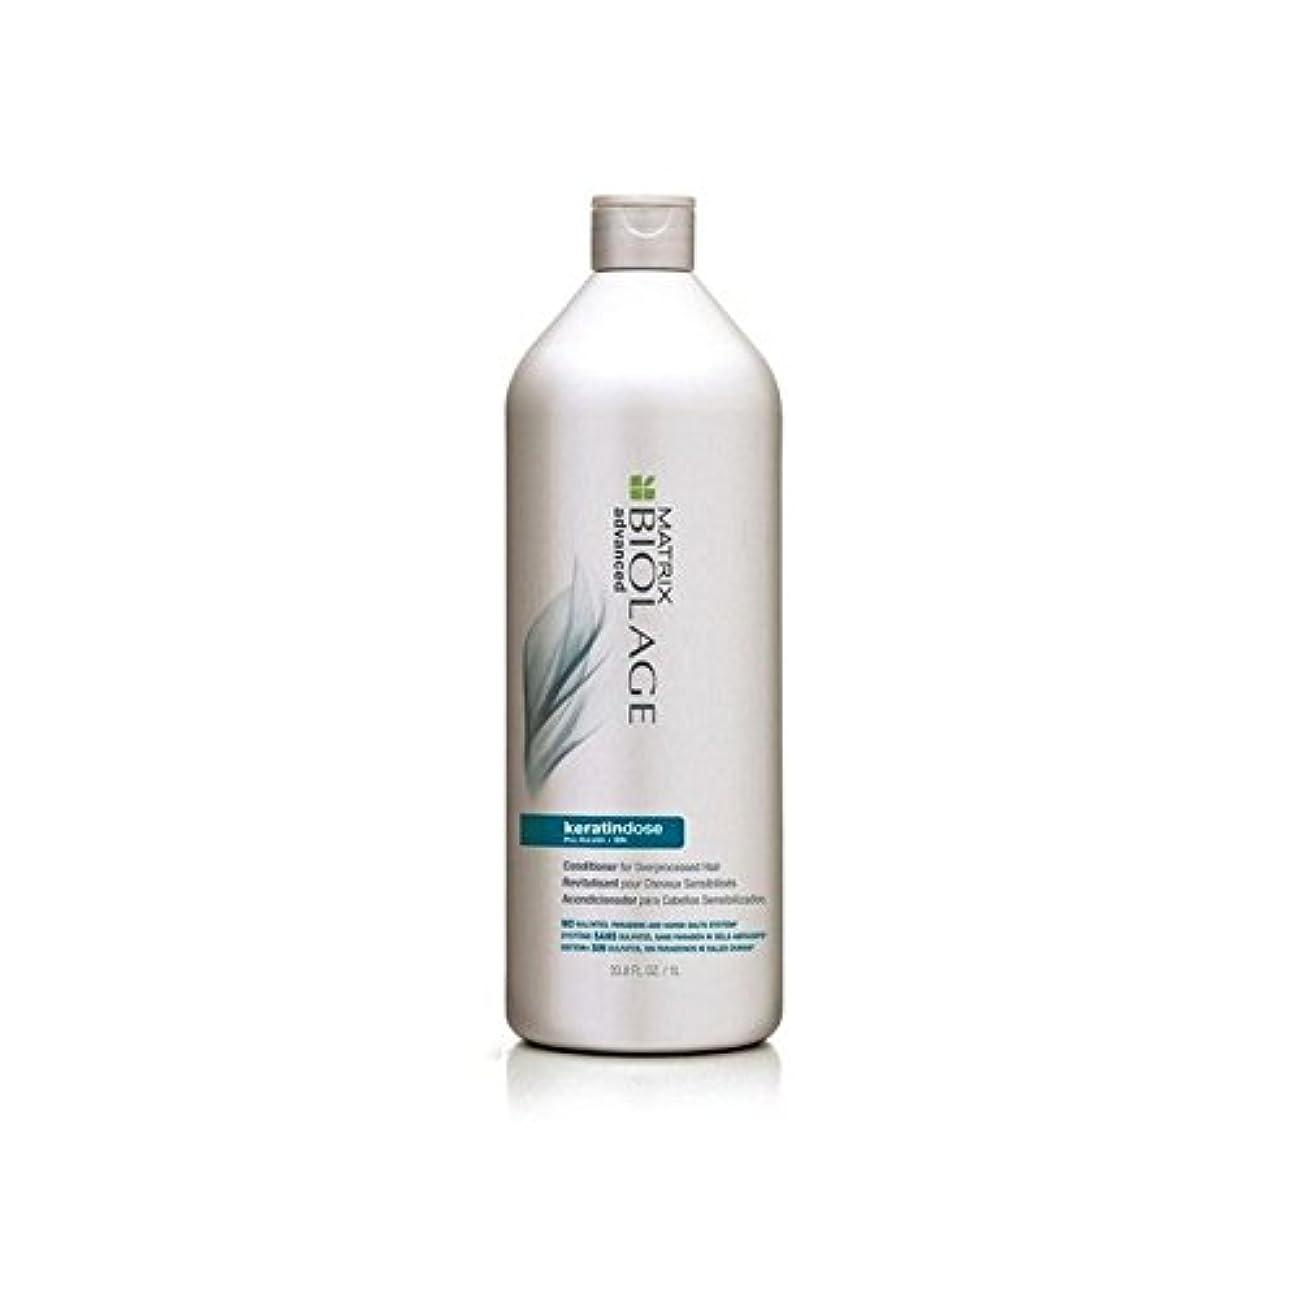 回転させるエトナ山暴露Matrix Biolage Keratindose Conditioner (1000ml) - マトリックスバイオレイジコンディショナー(千ミリリットル) [並行輸入品]